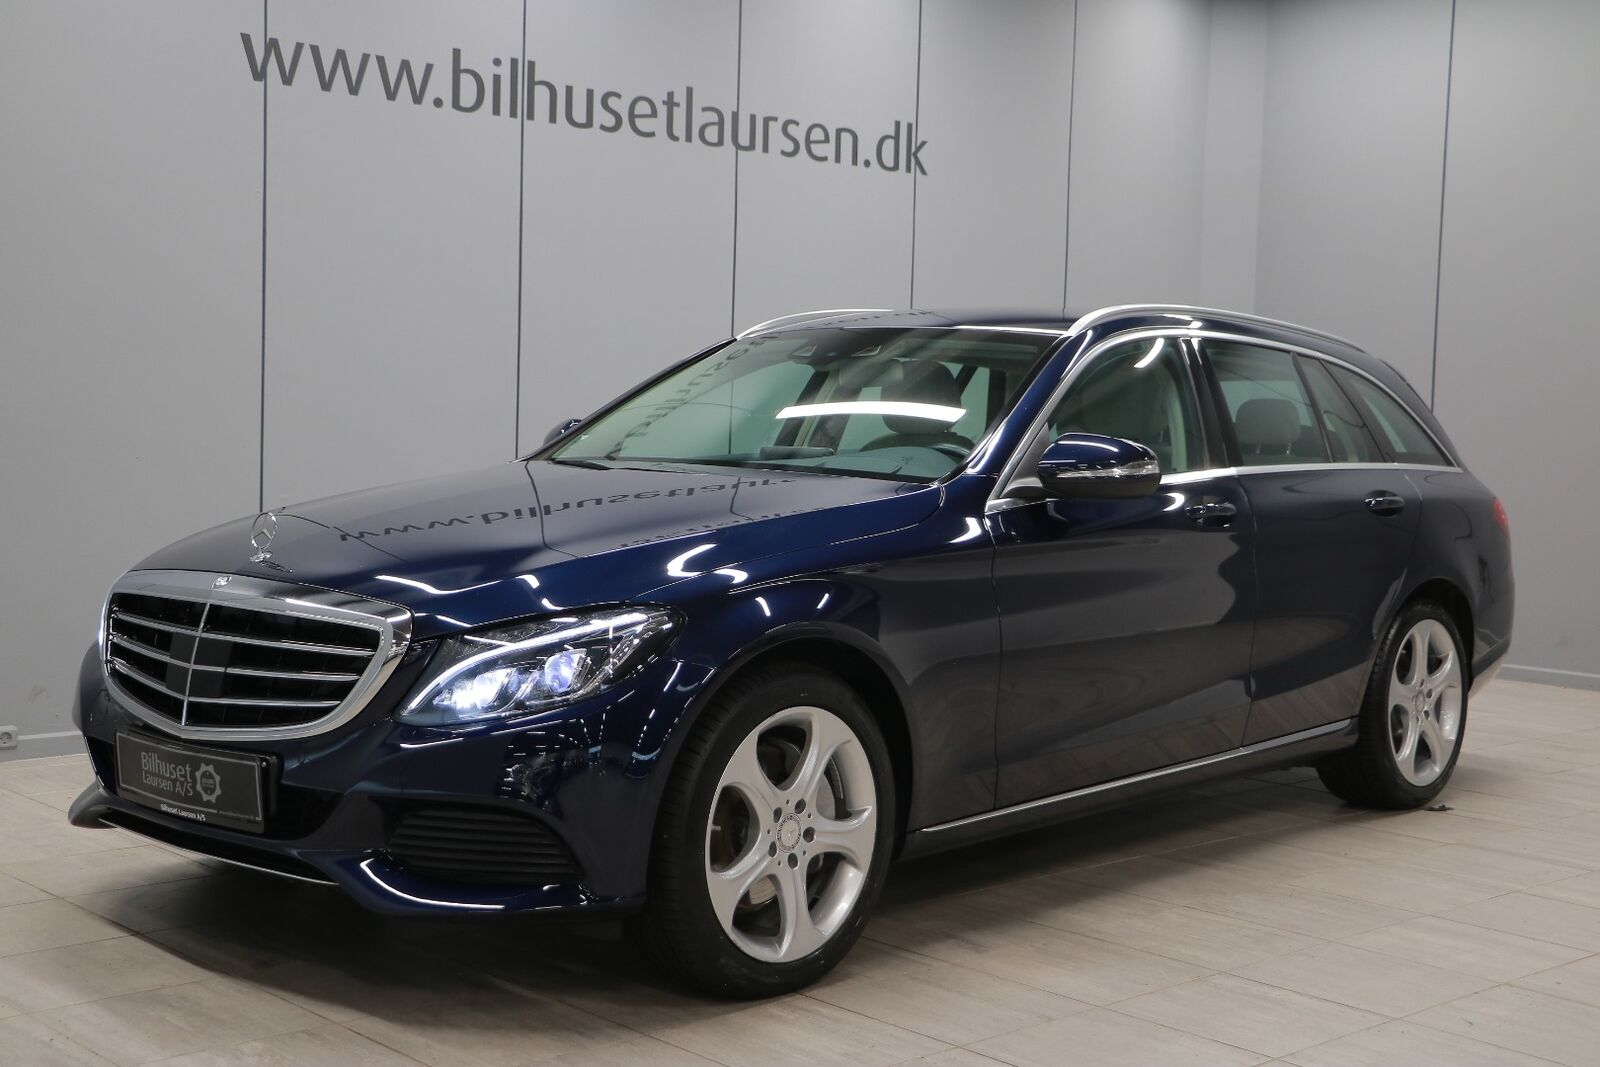 Mercedes C250 2,2 BlueTEC Exclusive stc. aut. 5d - 399.900 kr.